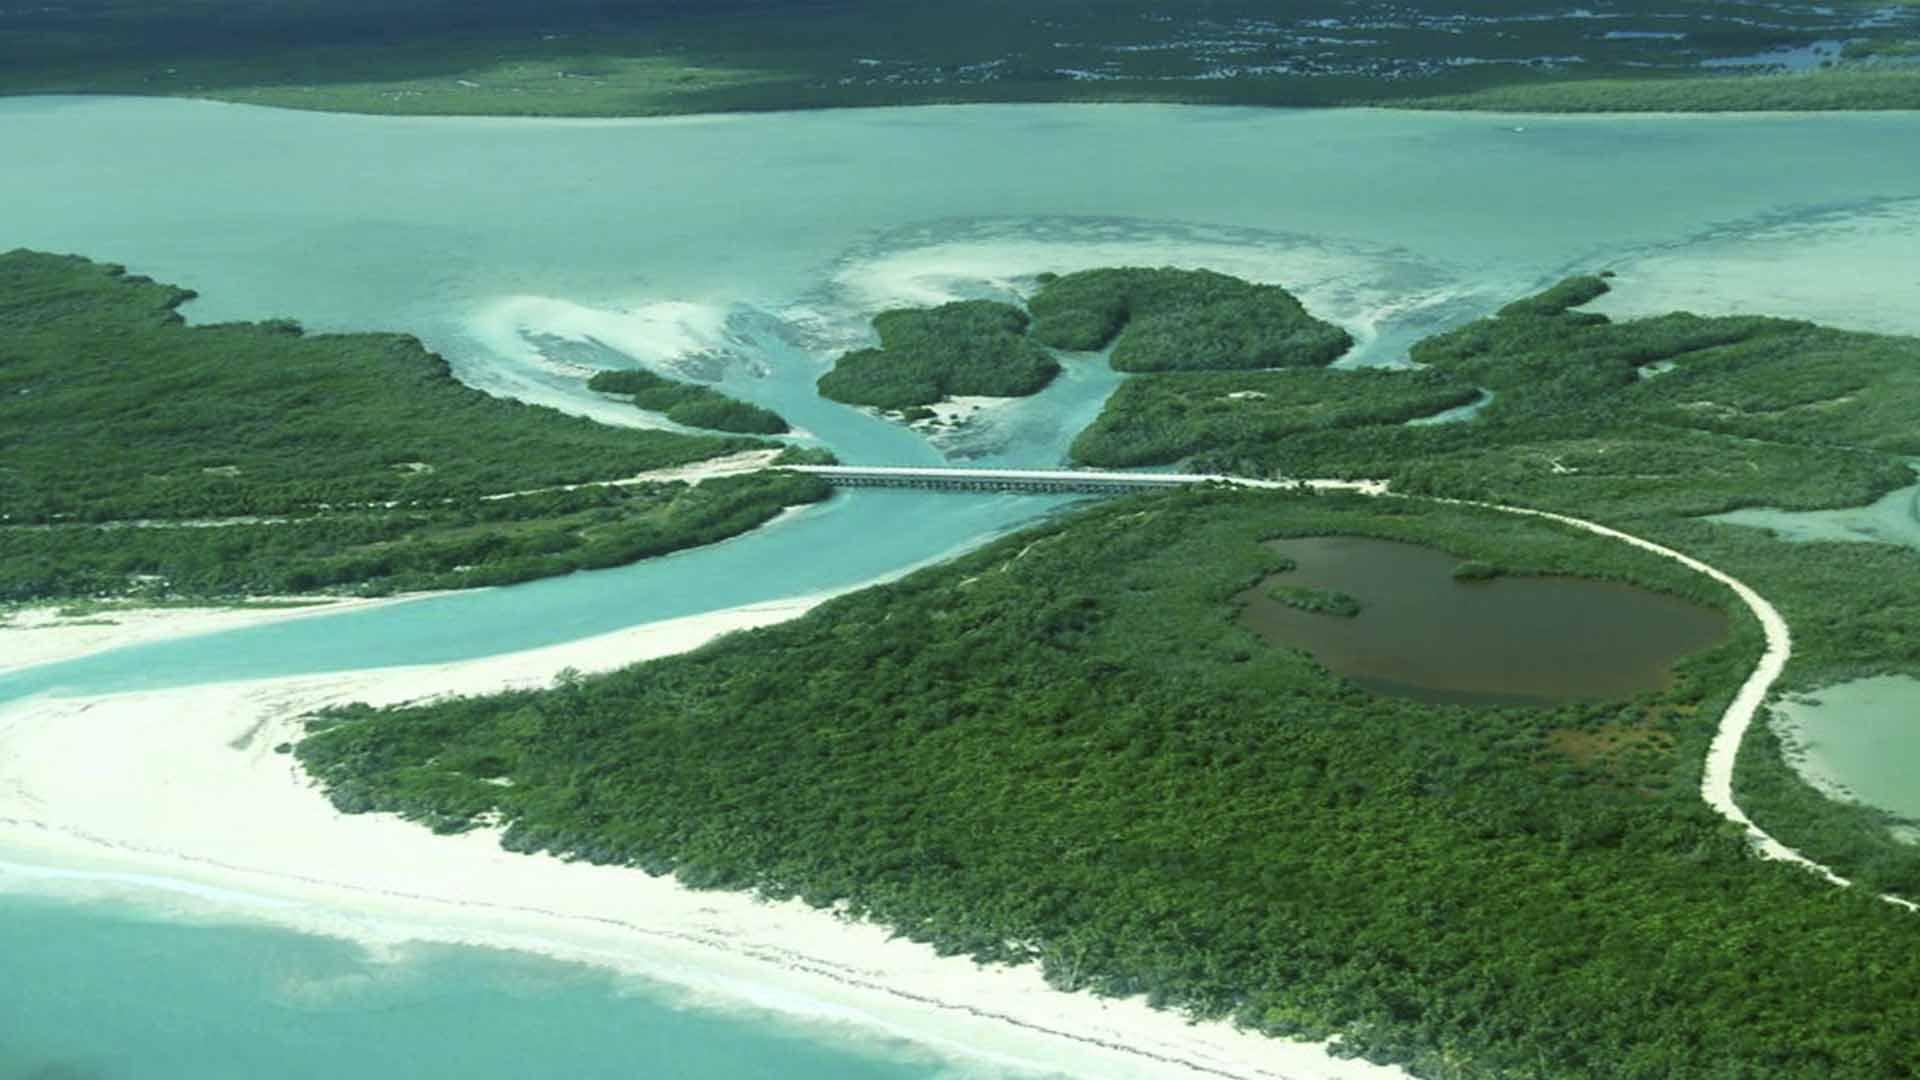 excursion-sian-kaan-riviera-maya-sl-3